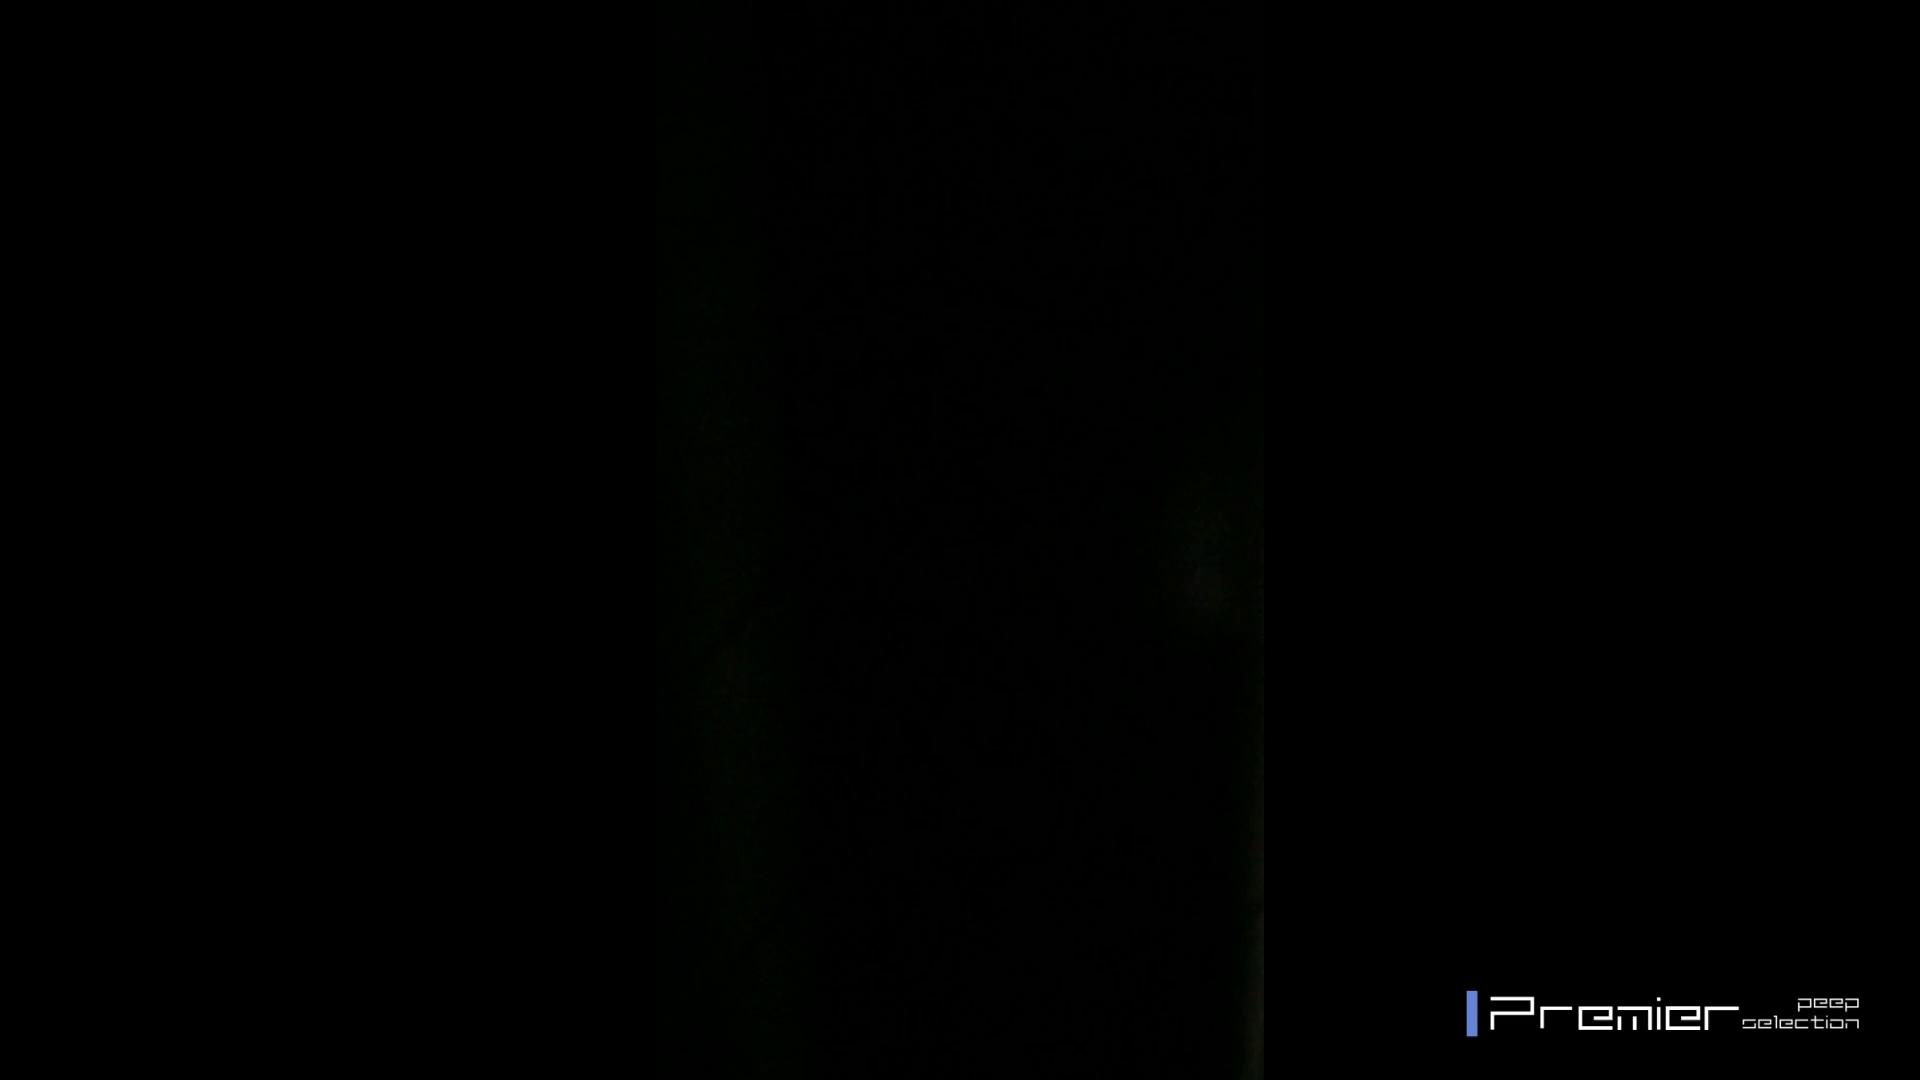 マニア必見!ポチャ達のカーニバル美女達の私生活に潜入! Hな美女 盗み撮り動画 112pic 27